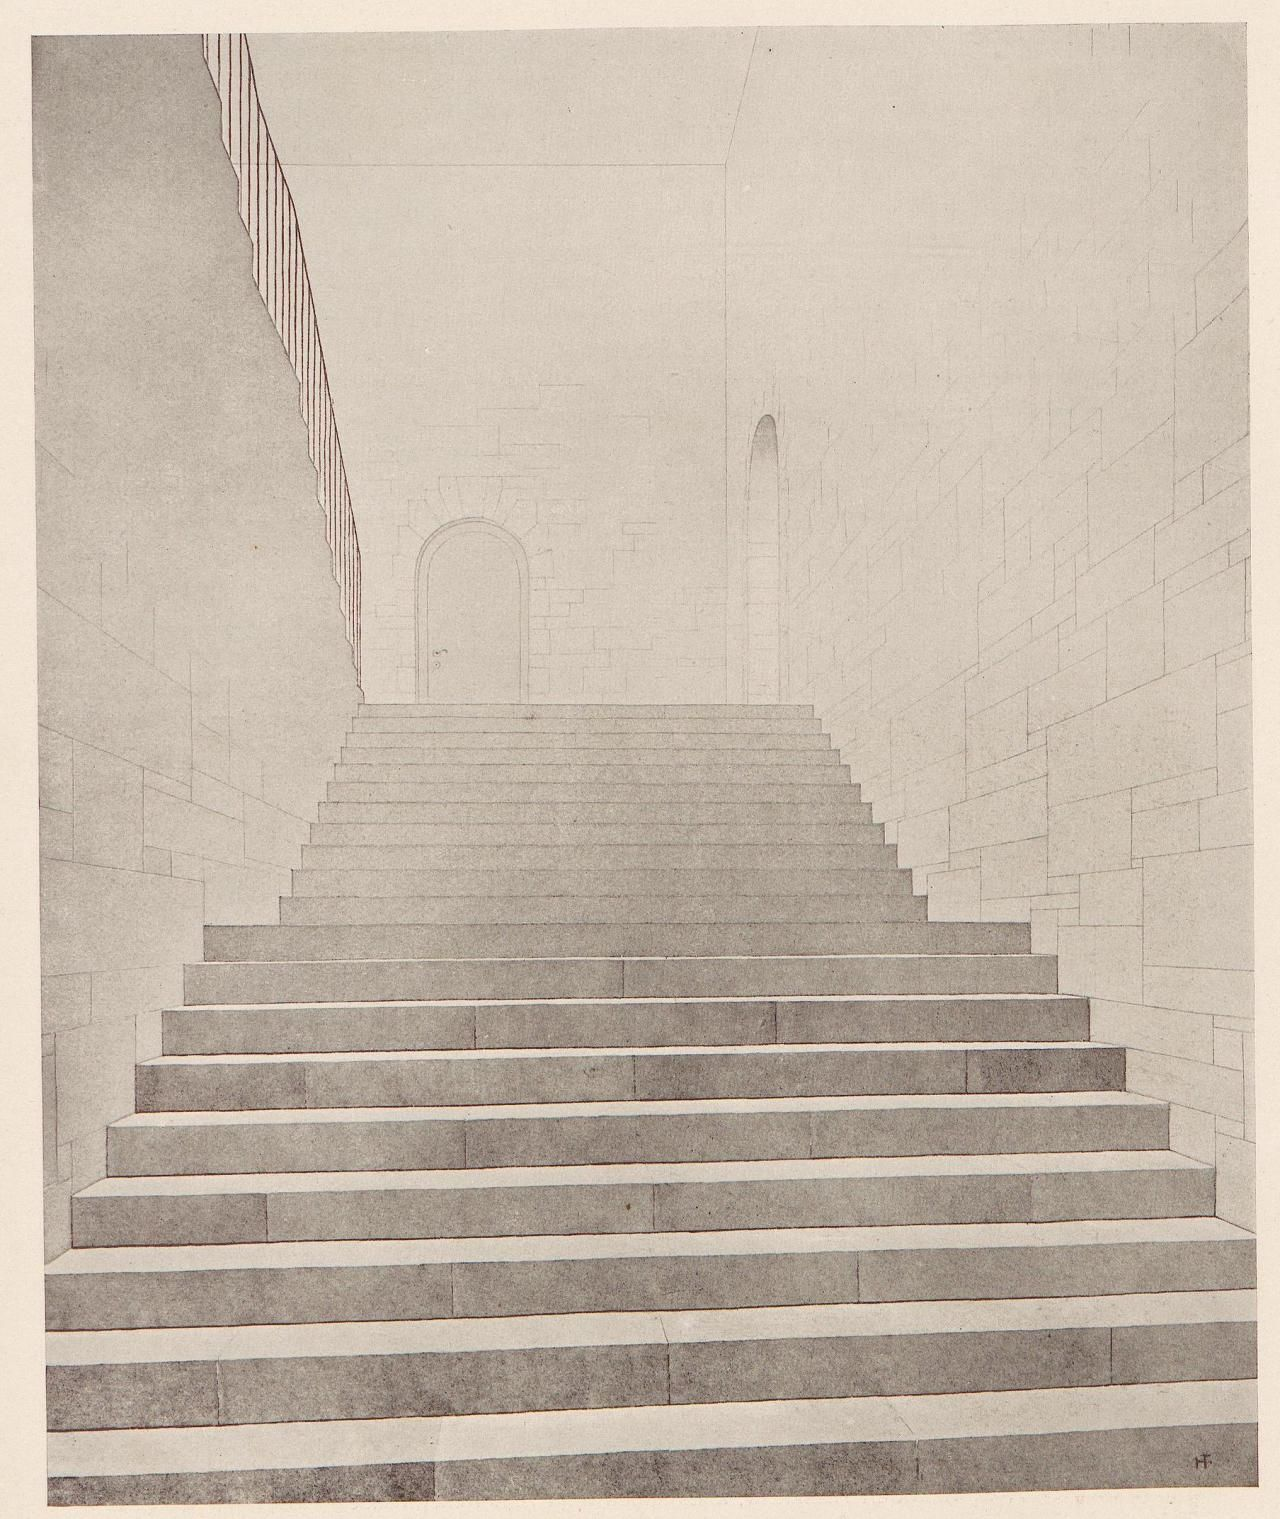 Staircase Ink drawing Heinrich TessenowKunst und Künstler 1925 Heidelberg University